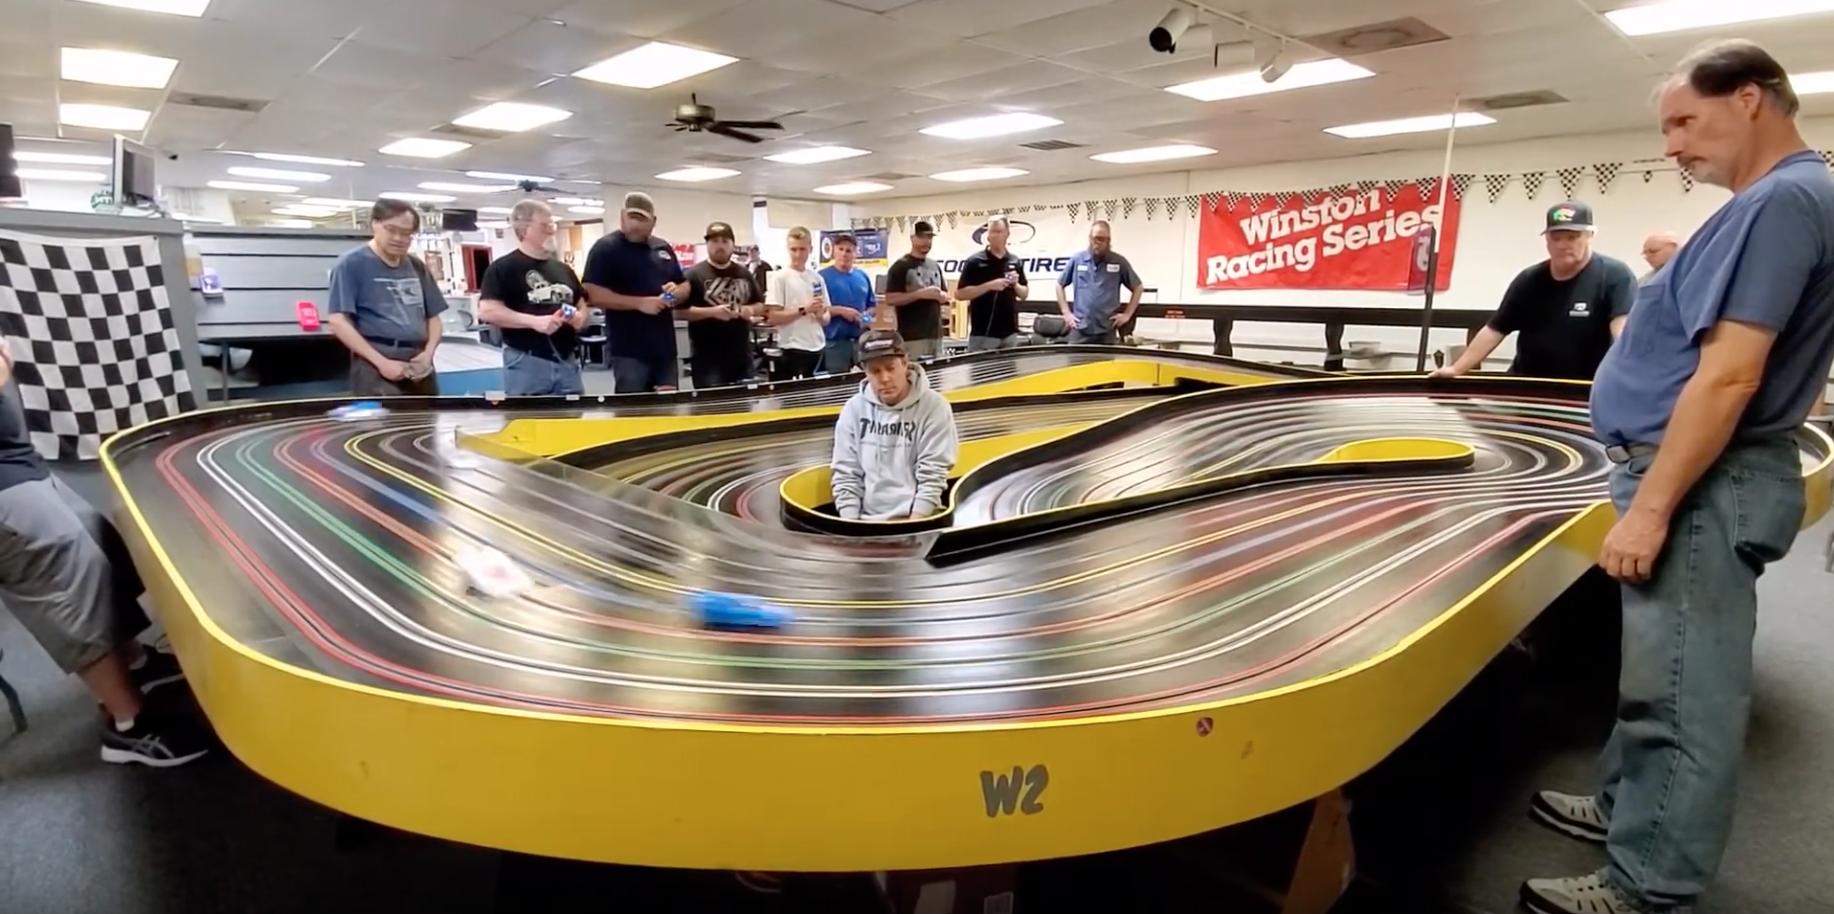 120 Bow Corkscrew Motown Raceway In Modesto Ca In 2020 Carrerabahn Carrera